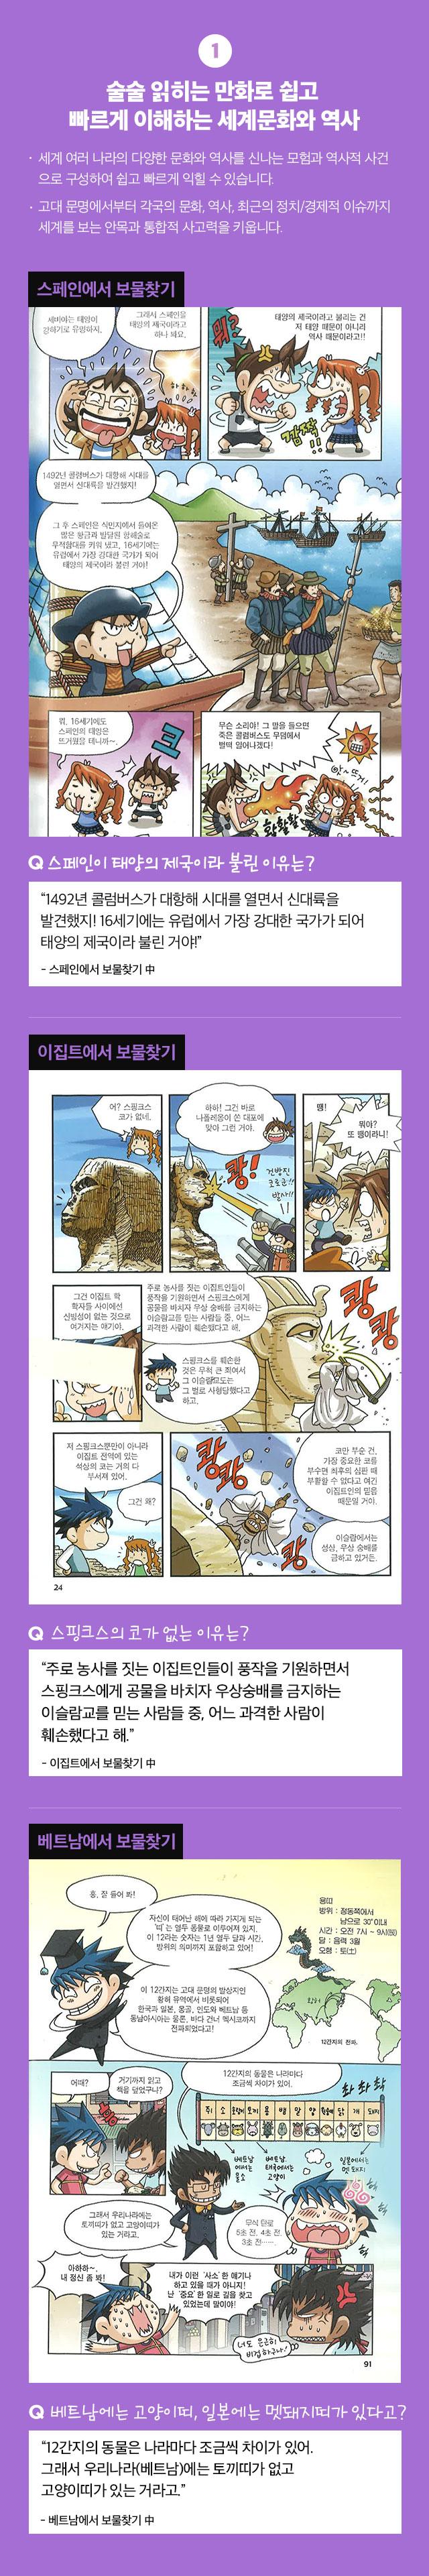 01 술술 읽히는 만화로 쉽고 빠르게 이해하는 세계문화와 역사